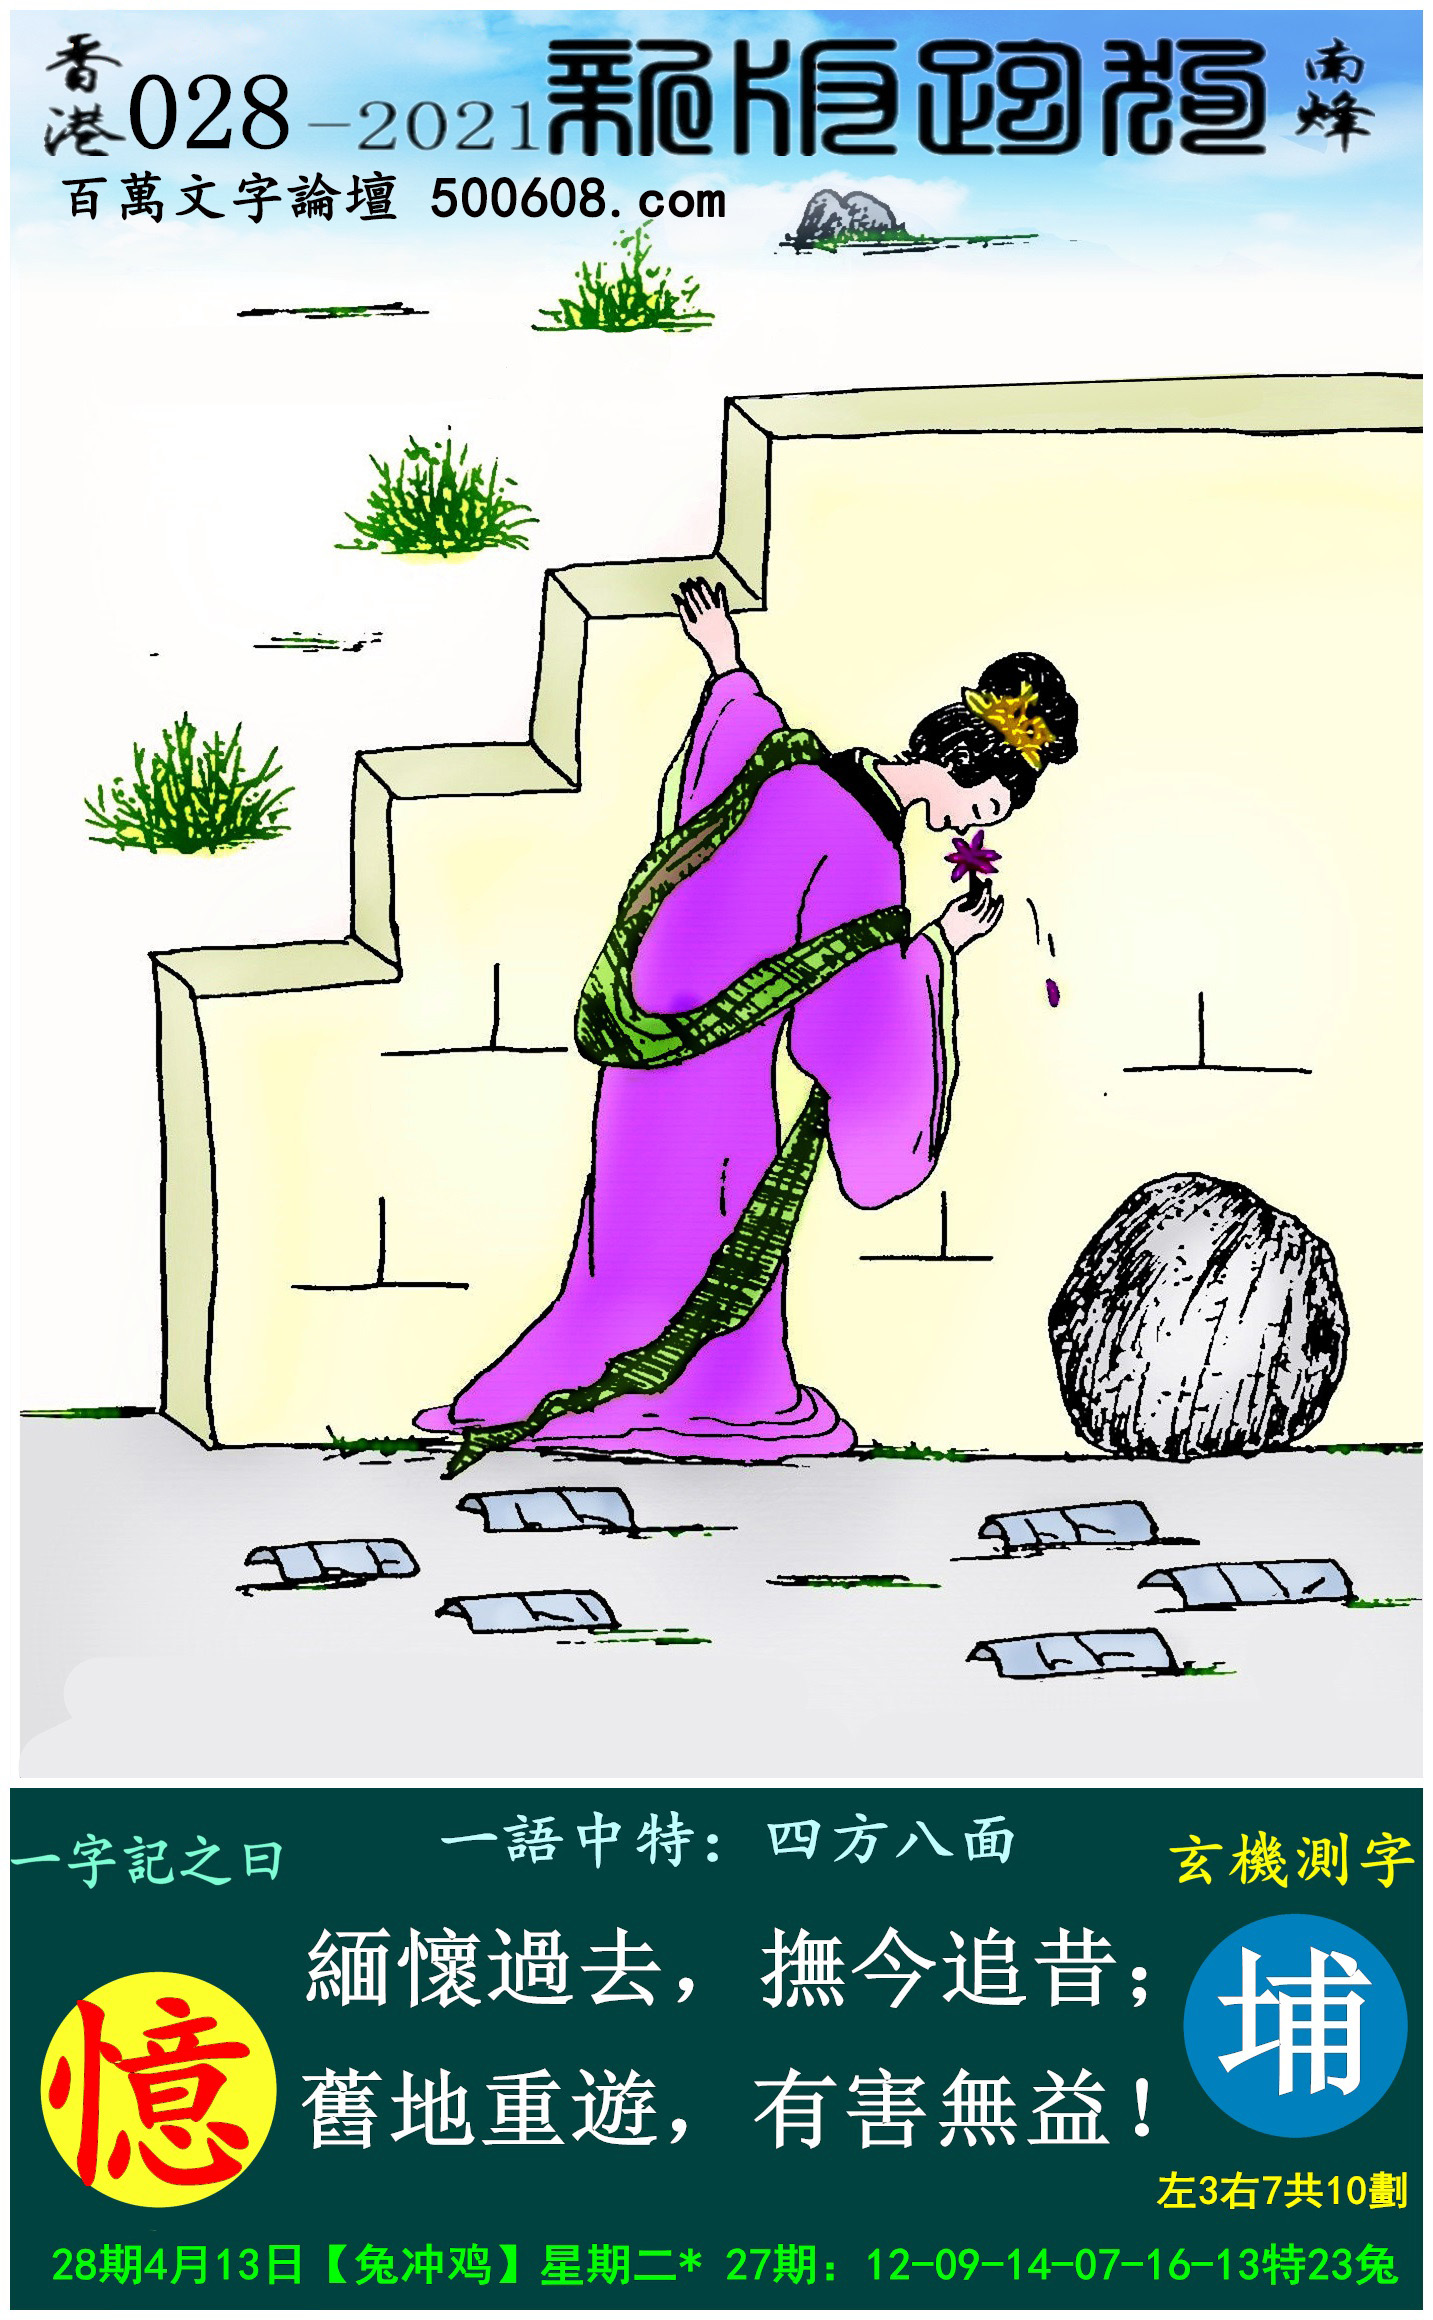 028期跑狗一字�之曰:【��】 ��堰^去,�峤褡肺簦慌f地重�[,有害�o益!